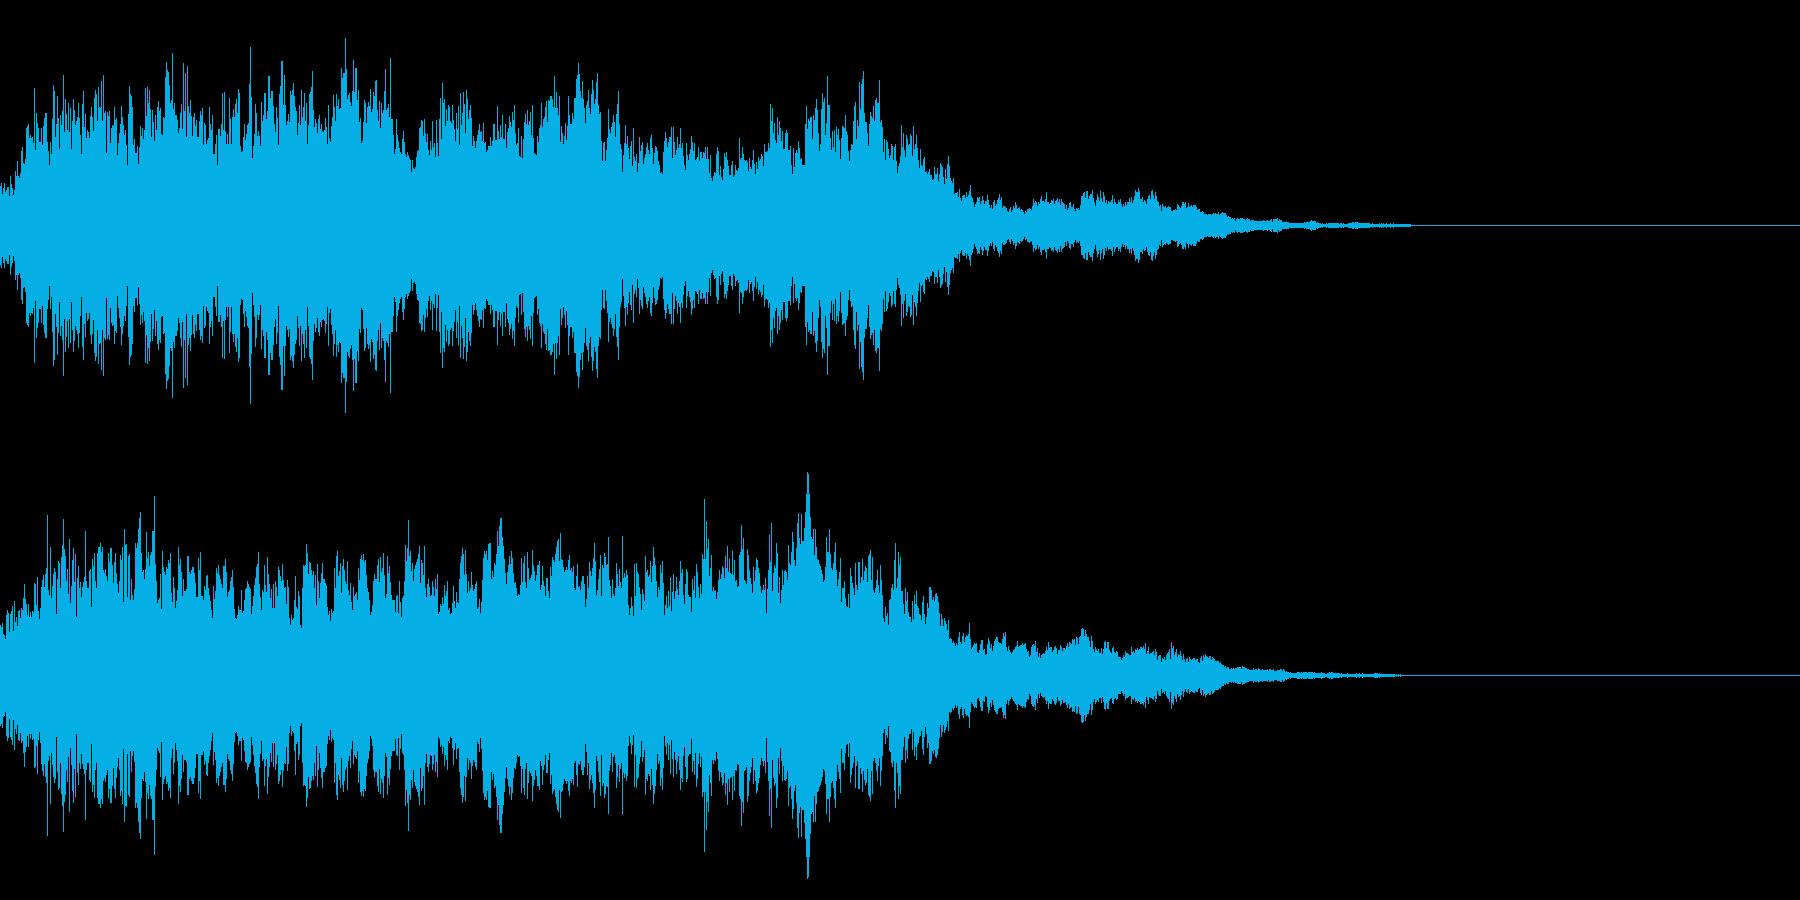 シュイーン(魔法エフェクト発動)の再生済みの波形